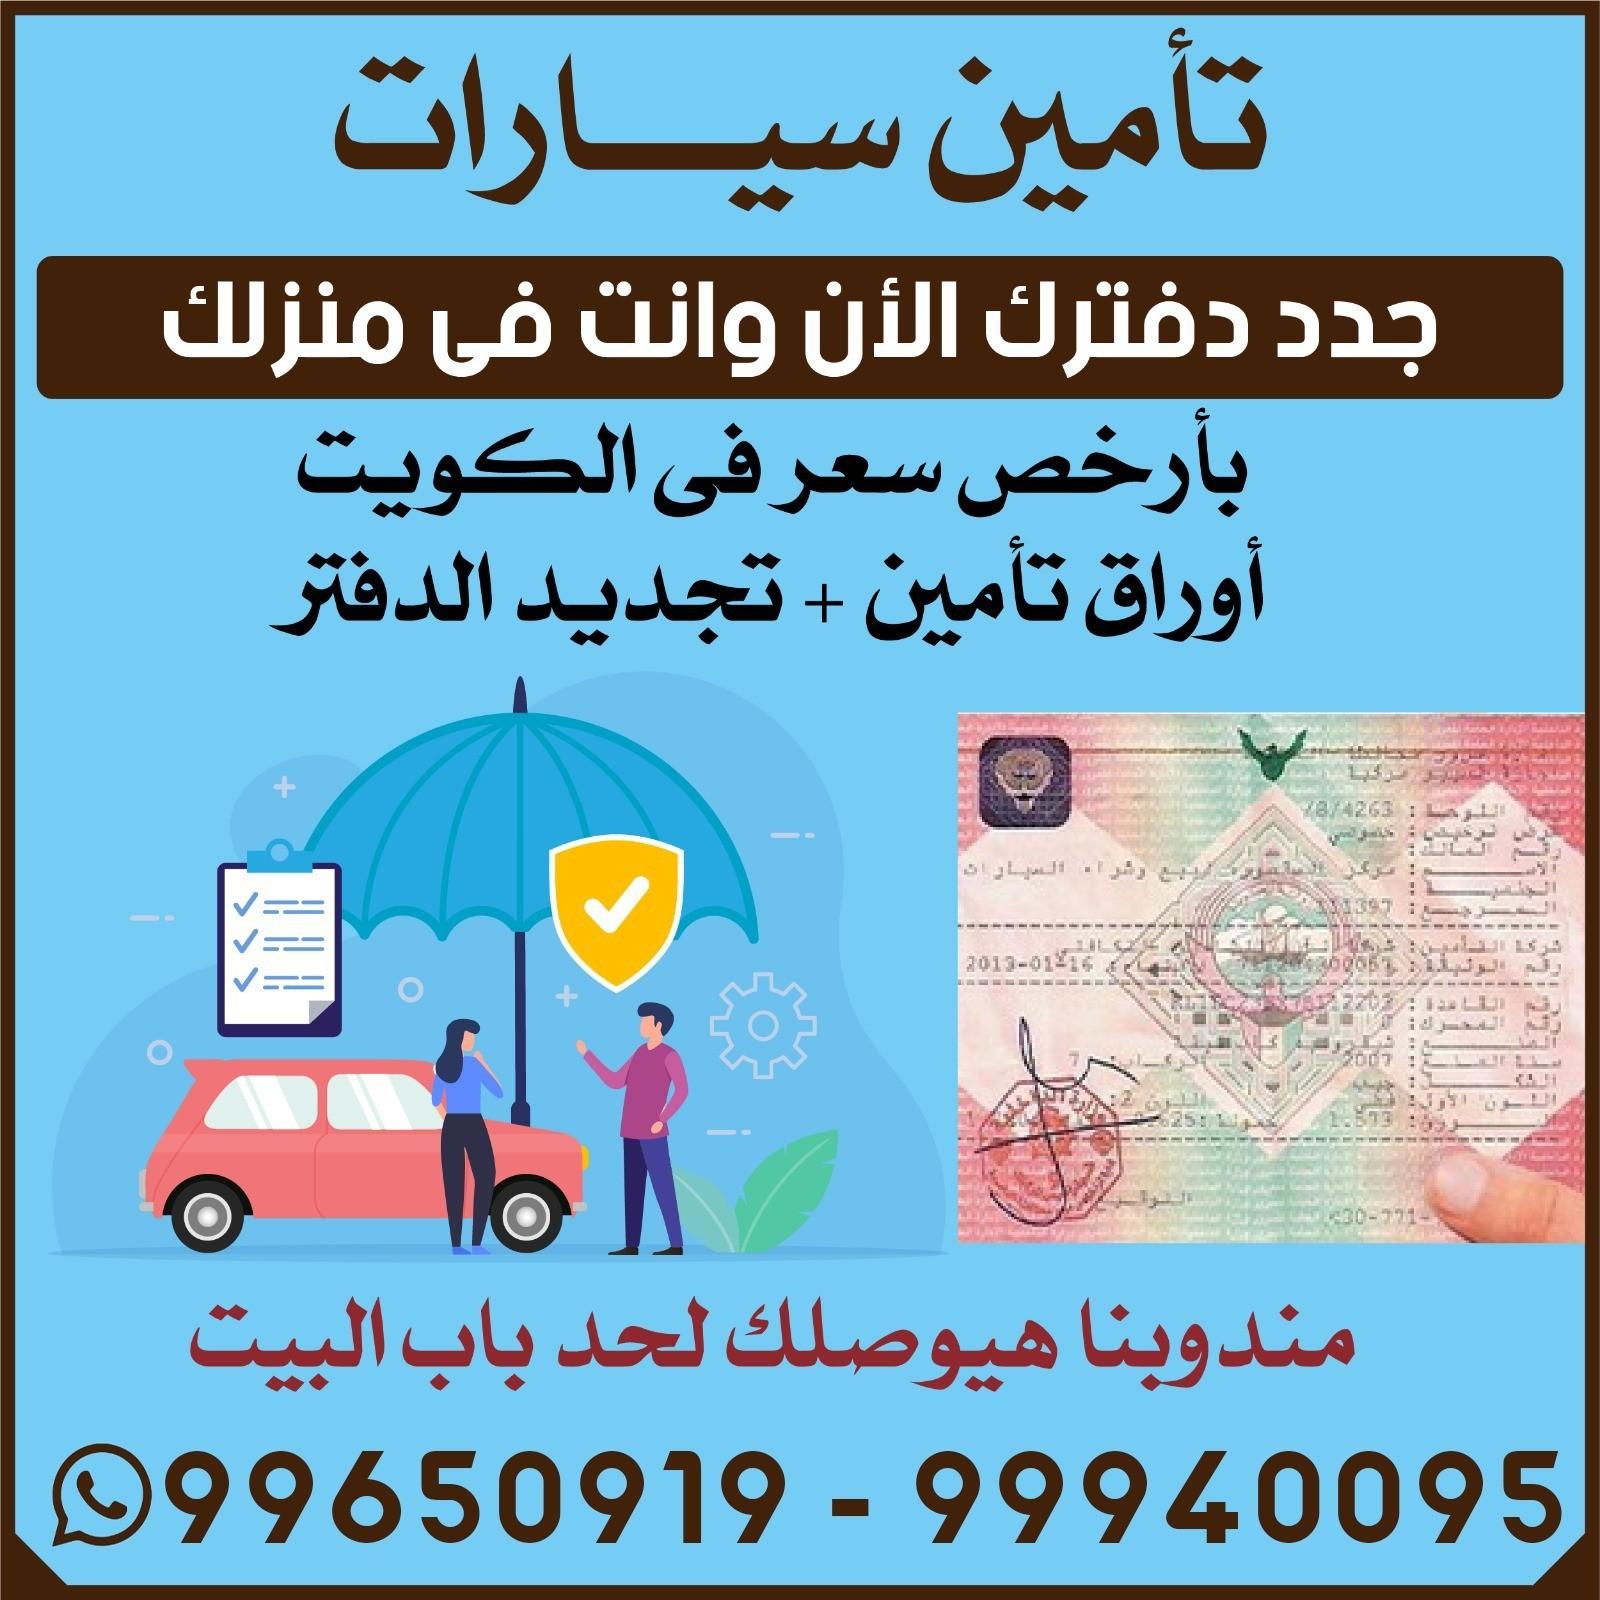 تأمين 99940095